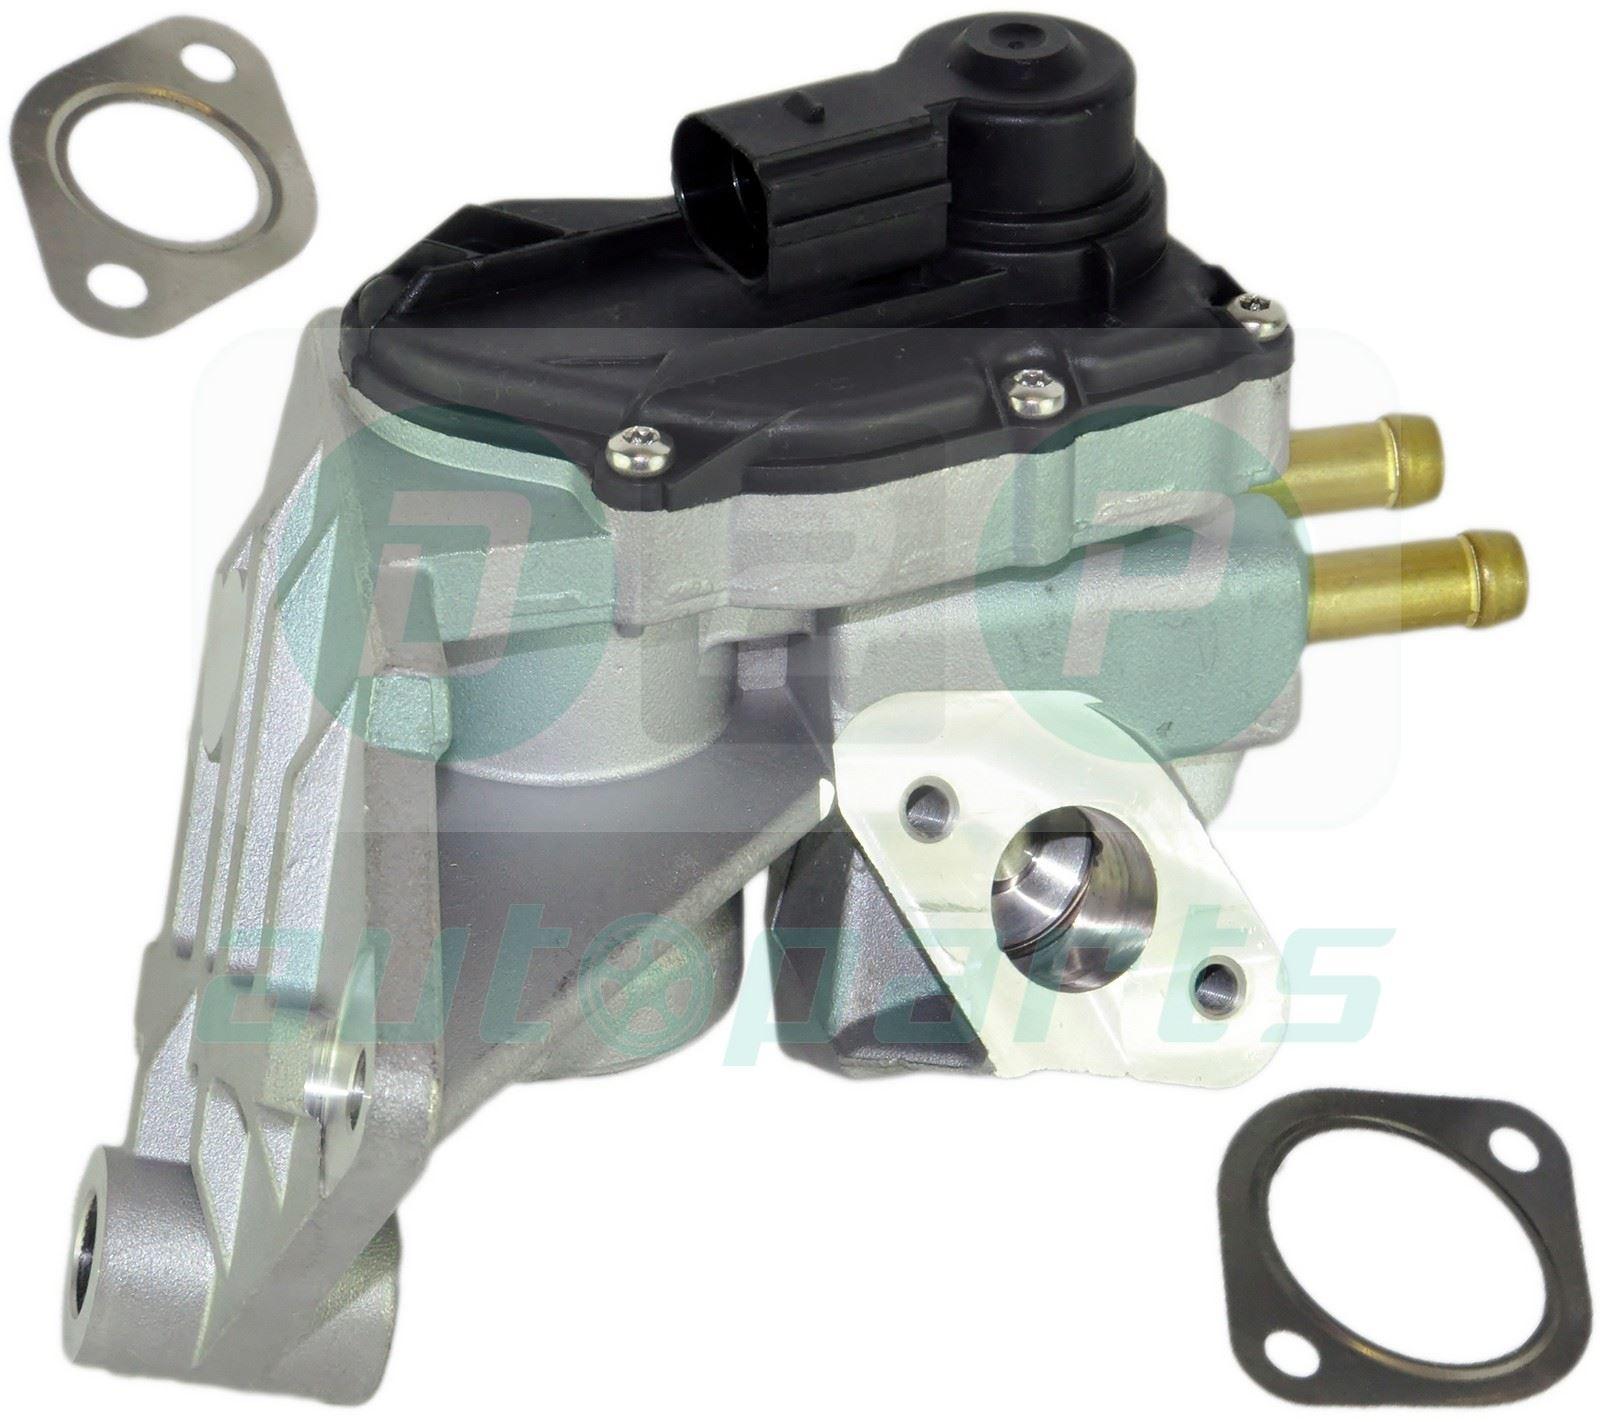 EGR VALVE FOR VW EOS GOLF MK5 PLUS JETTA MK3 PASSAT TOURAN 2.0 FSI 06F131503A